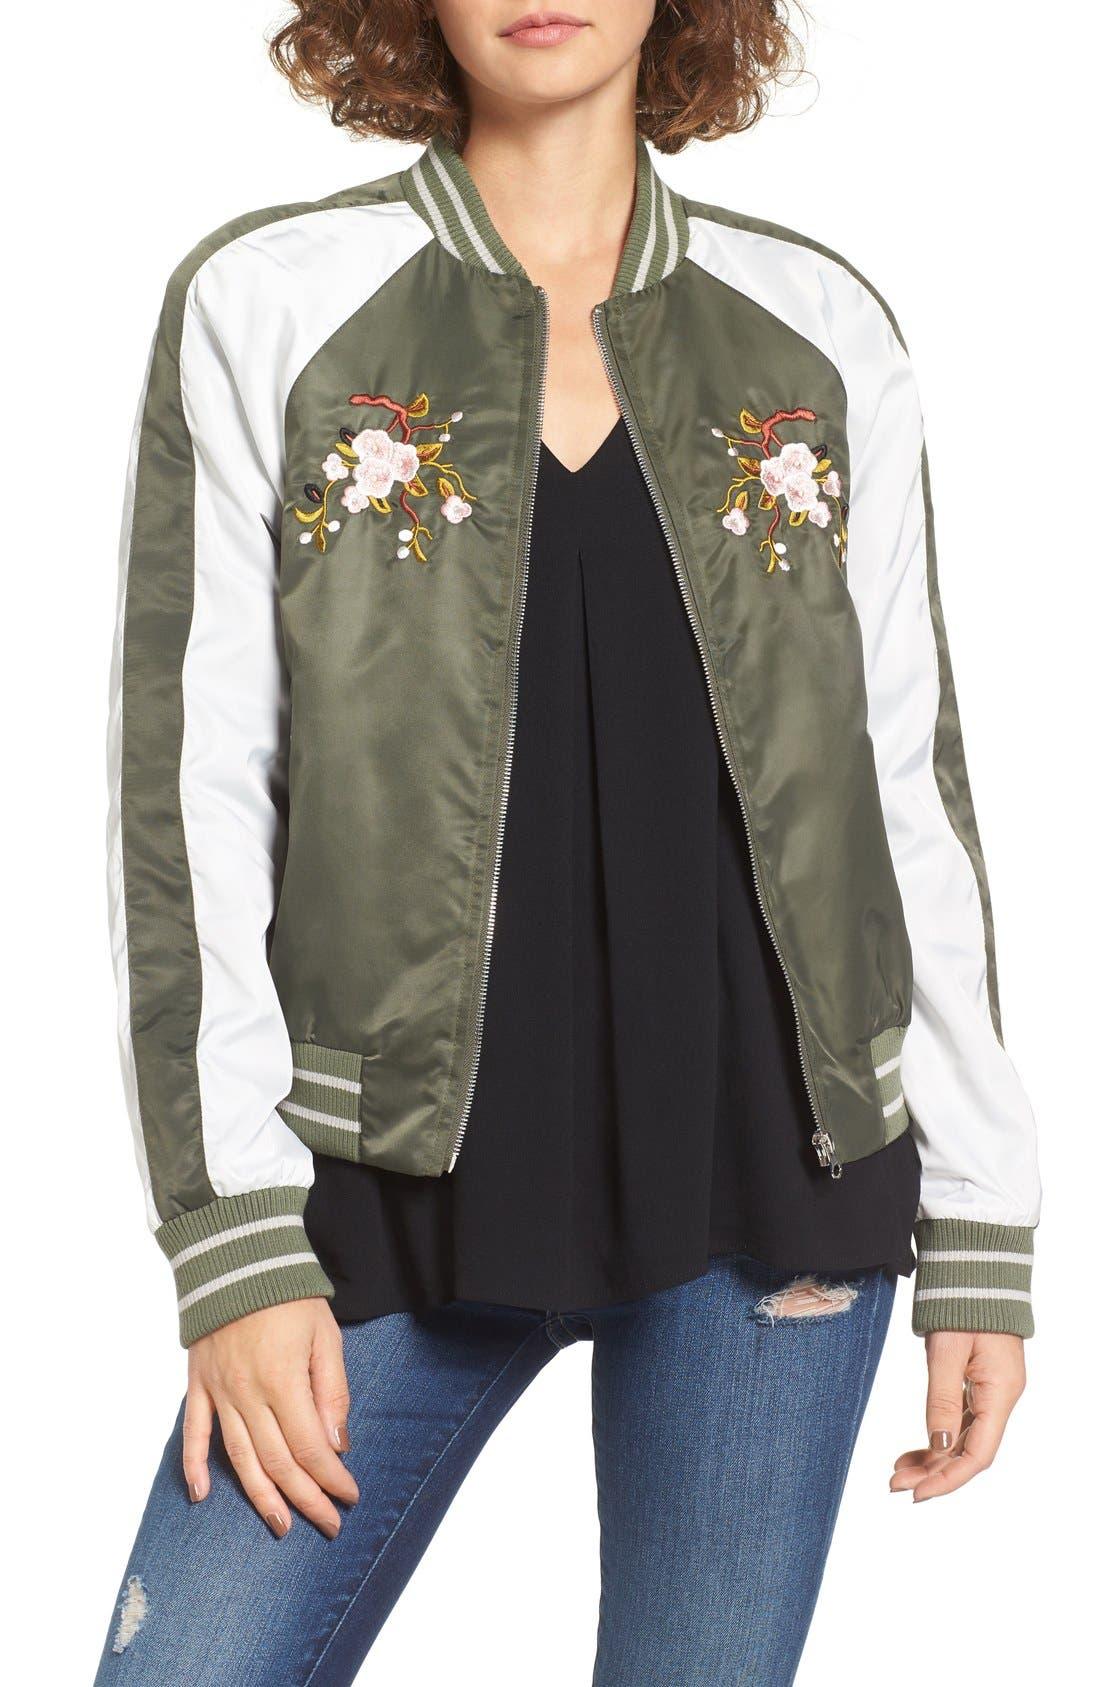 Alternate Image 1 Selected - Glamorous Embroidered Satin Bomber Jacket